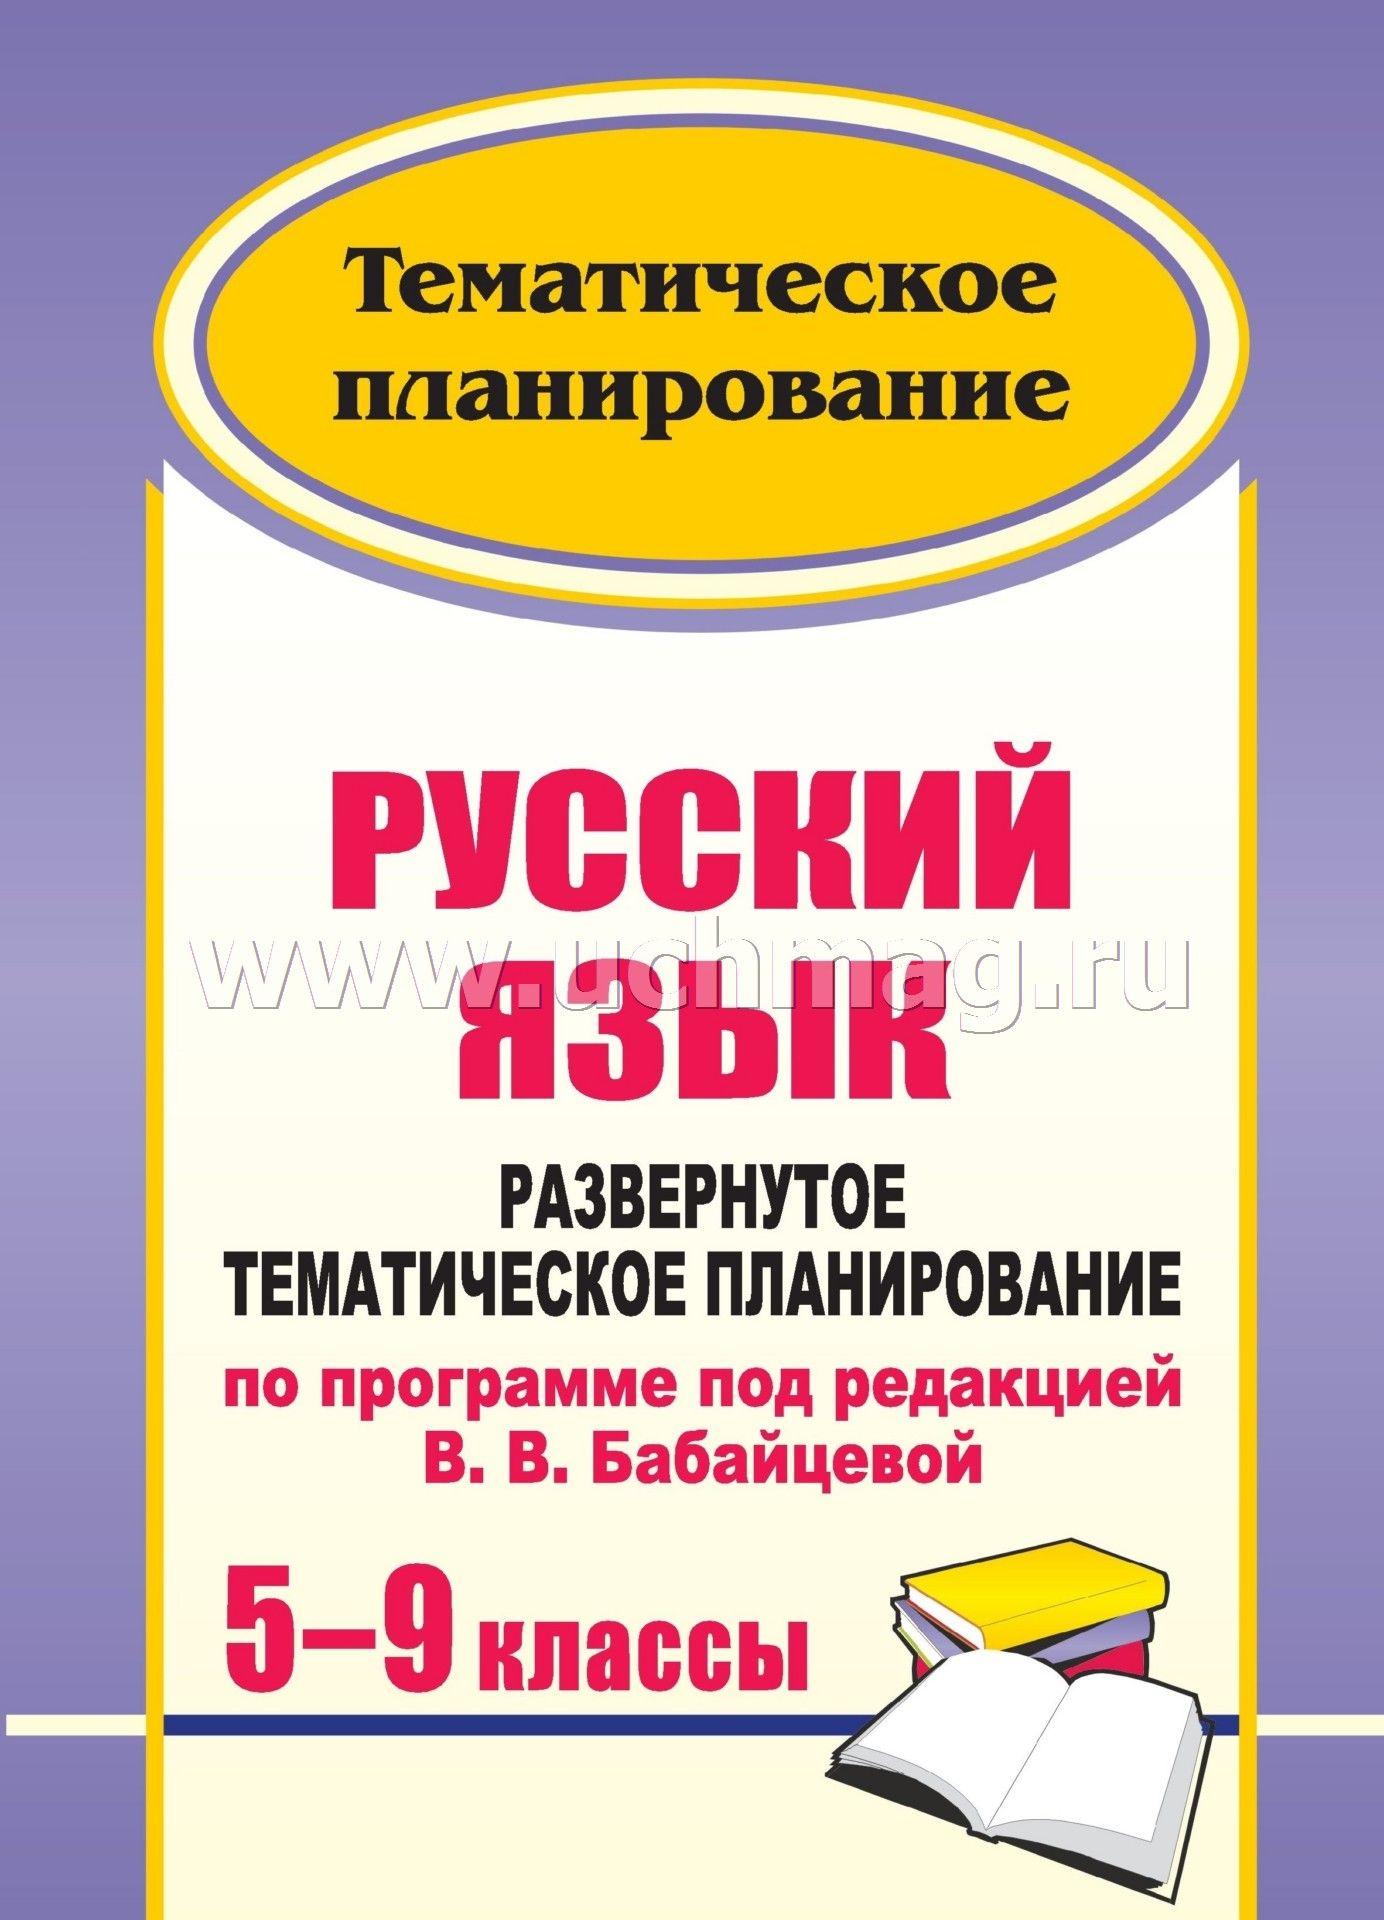 Пояснительная записка к программе по русскому языку 9 класс бабайцева